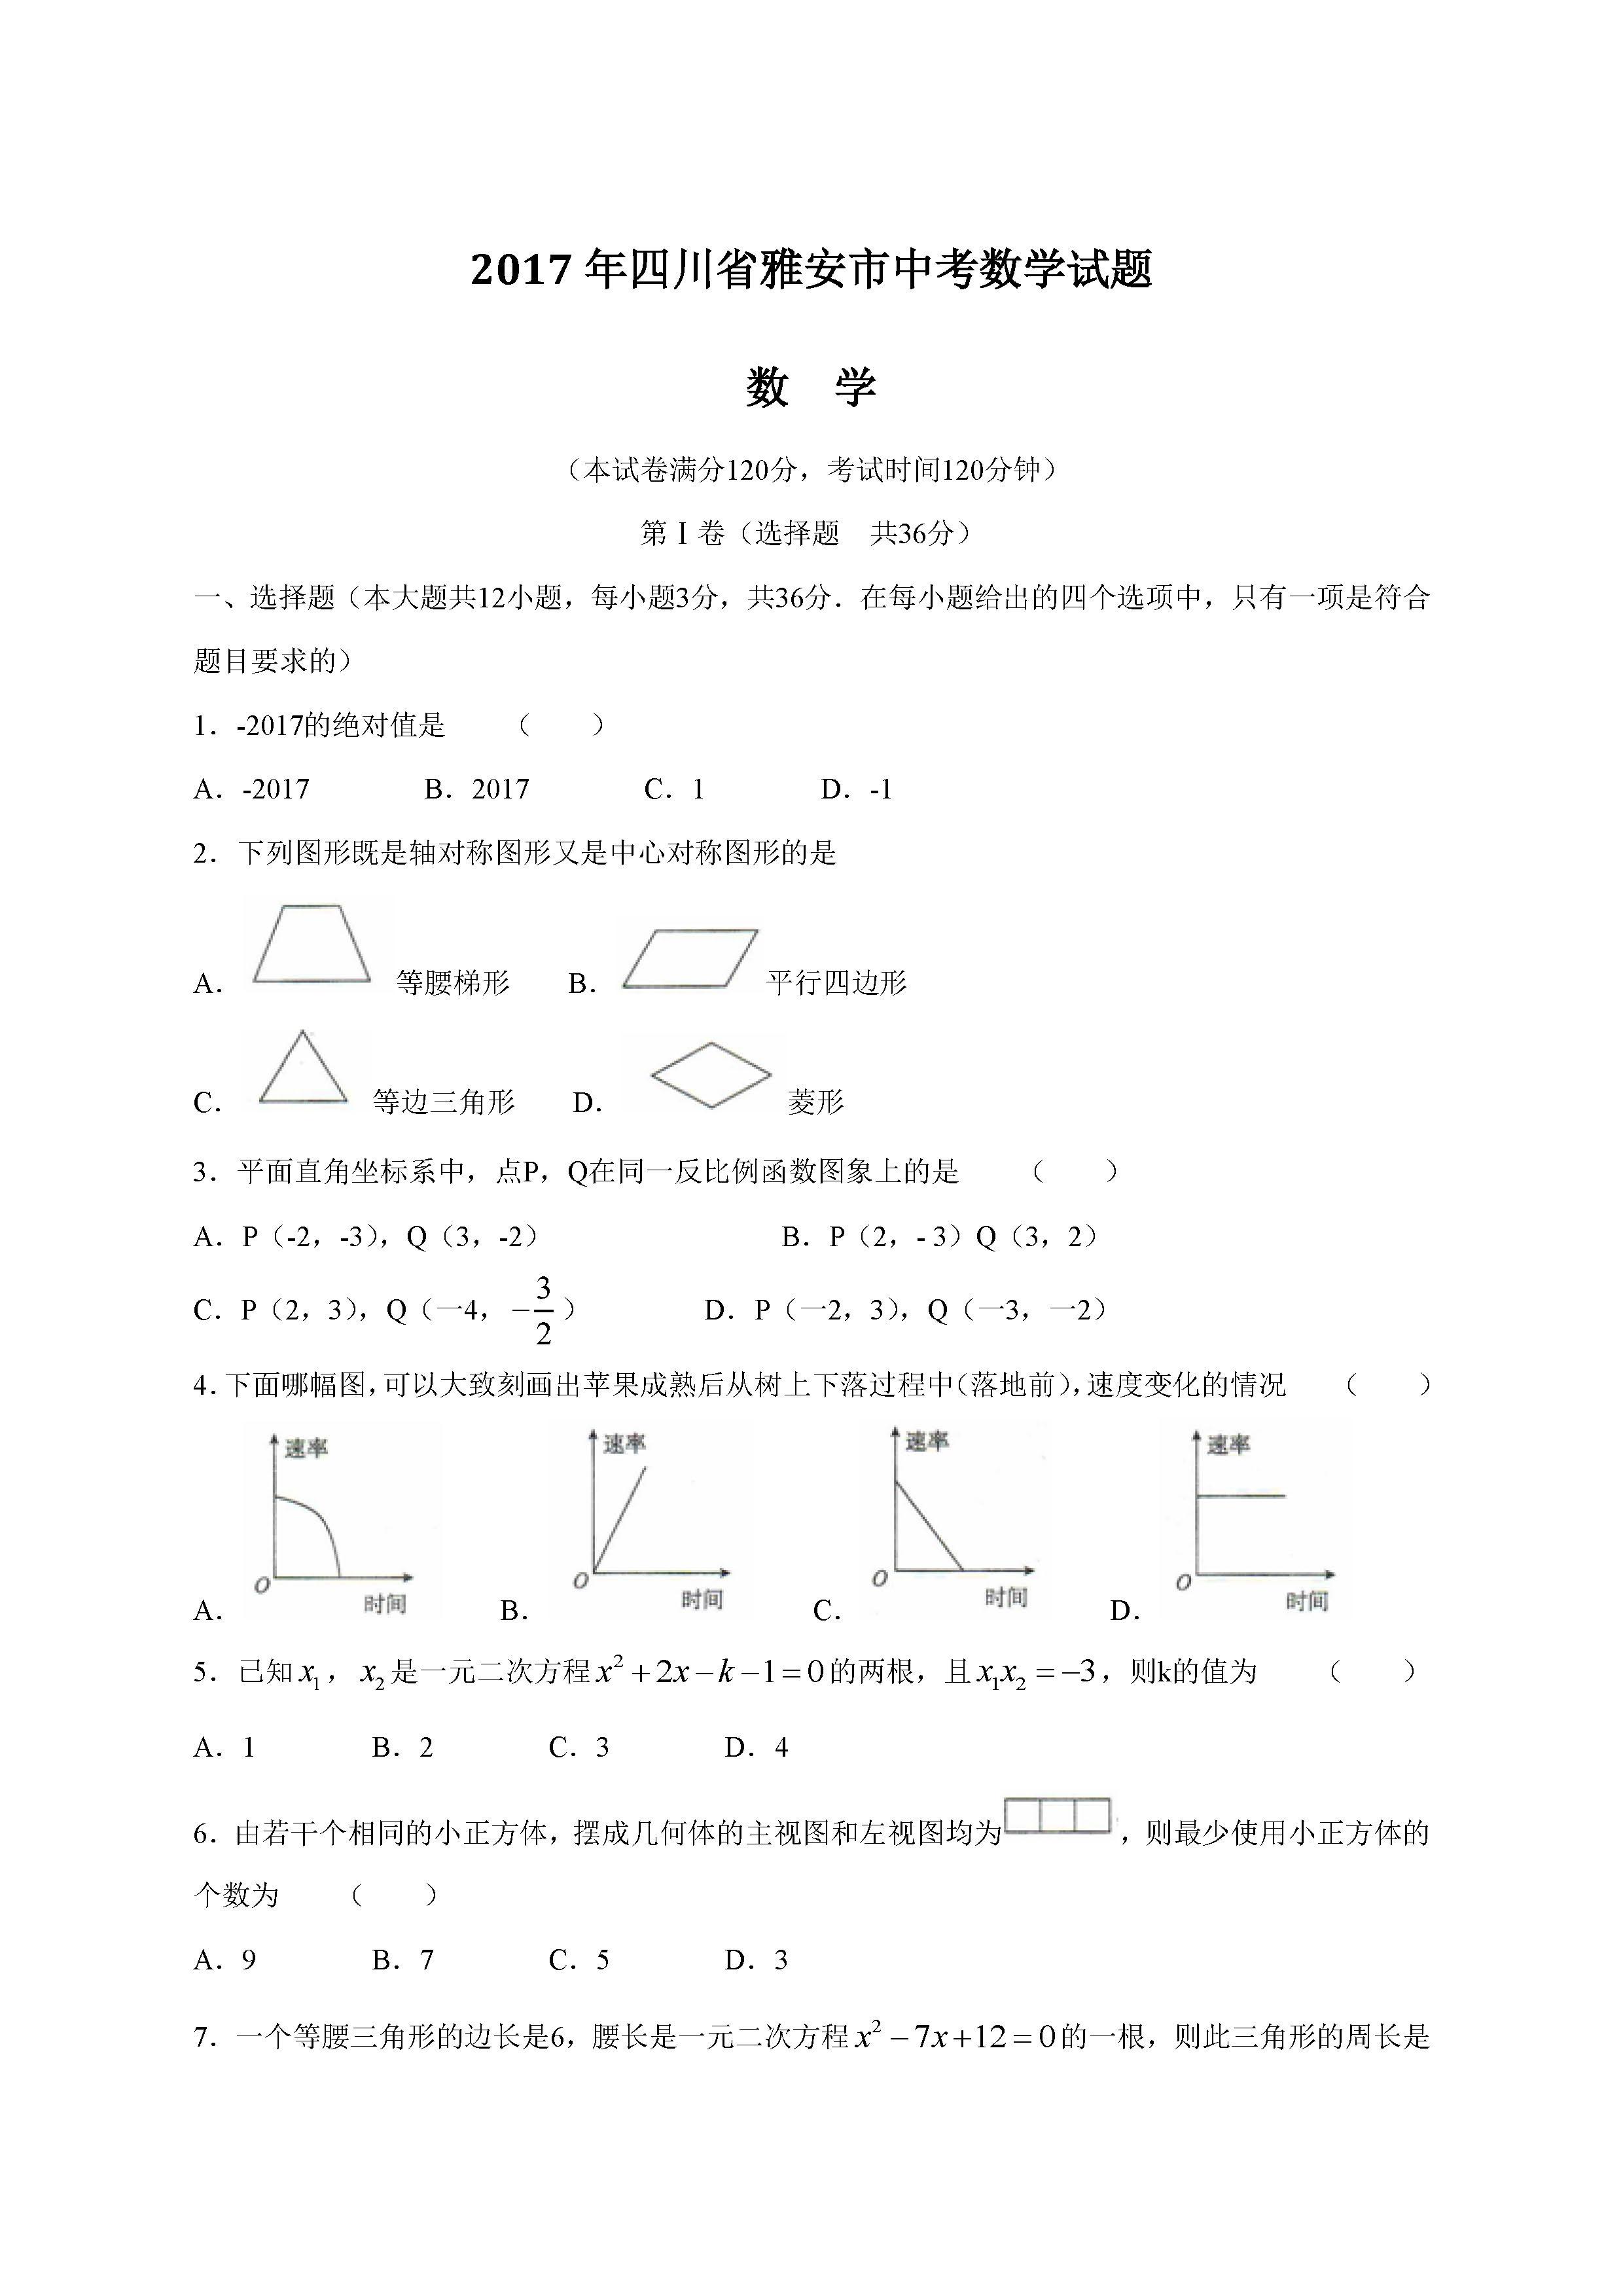 2017雅安中考数学试题及答案解析